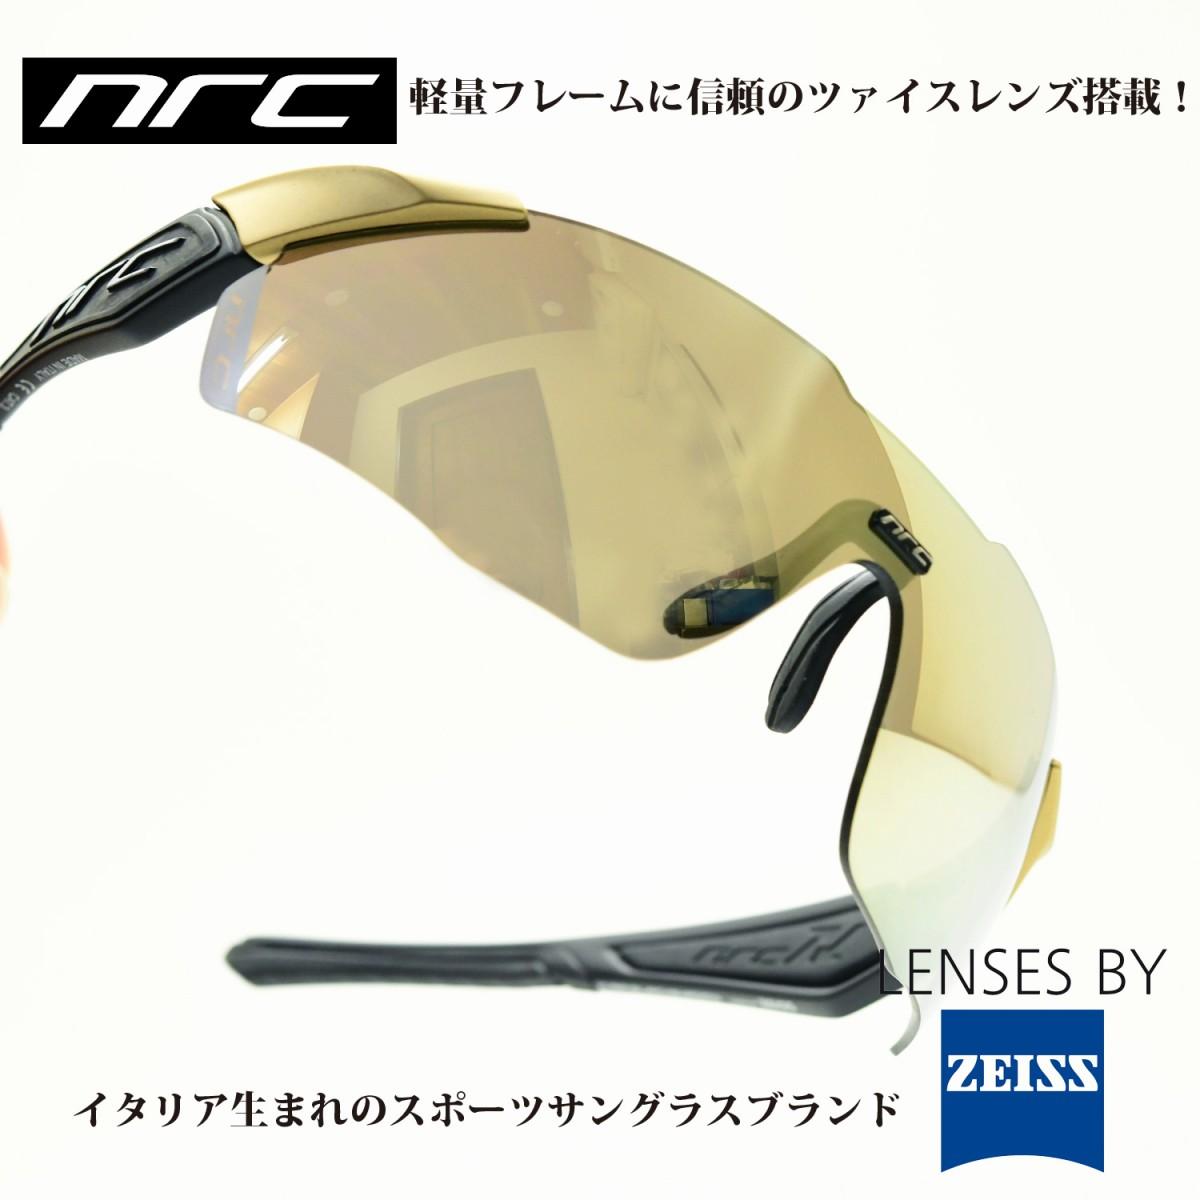 nrc エヌアールシー X1RR黒SHADOW/褐色 ゴールド MIRRORメガネ 眼鏡 めがね メンズ レディース おしゃれ ブランド人気 おすすめ フレーム 流行り レンズ サングラス